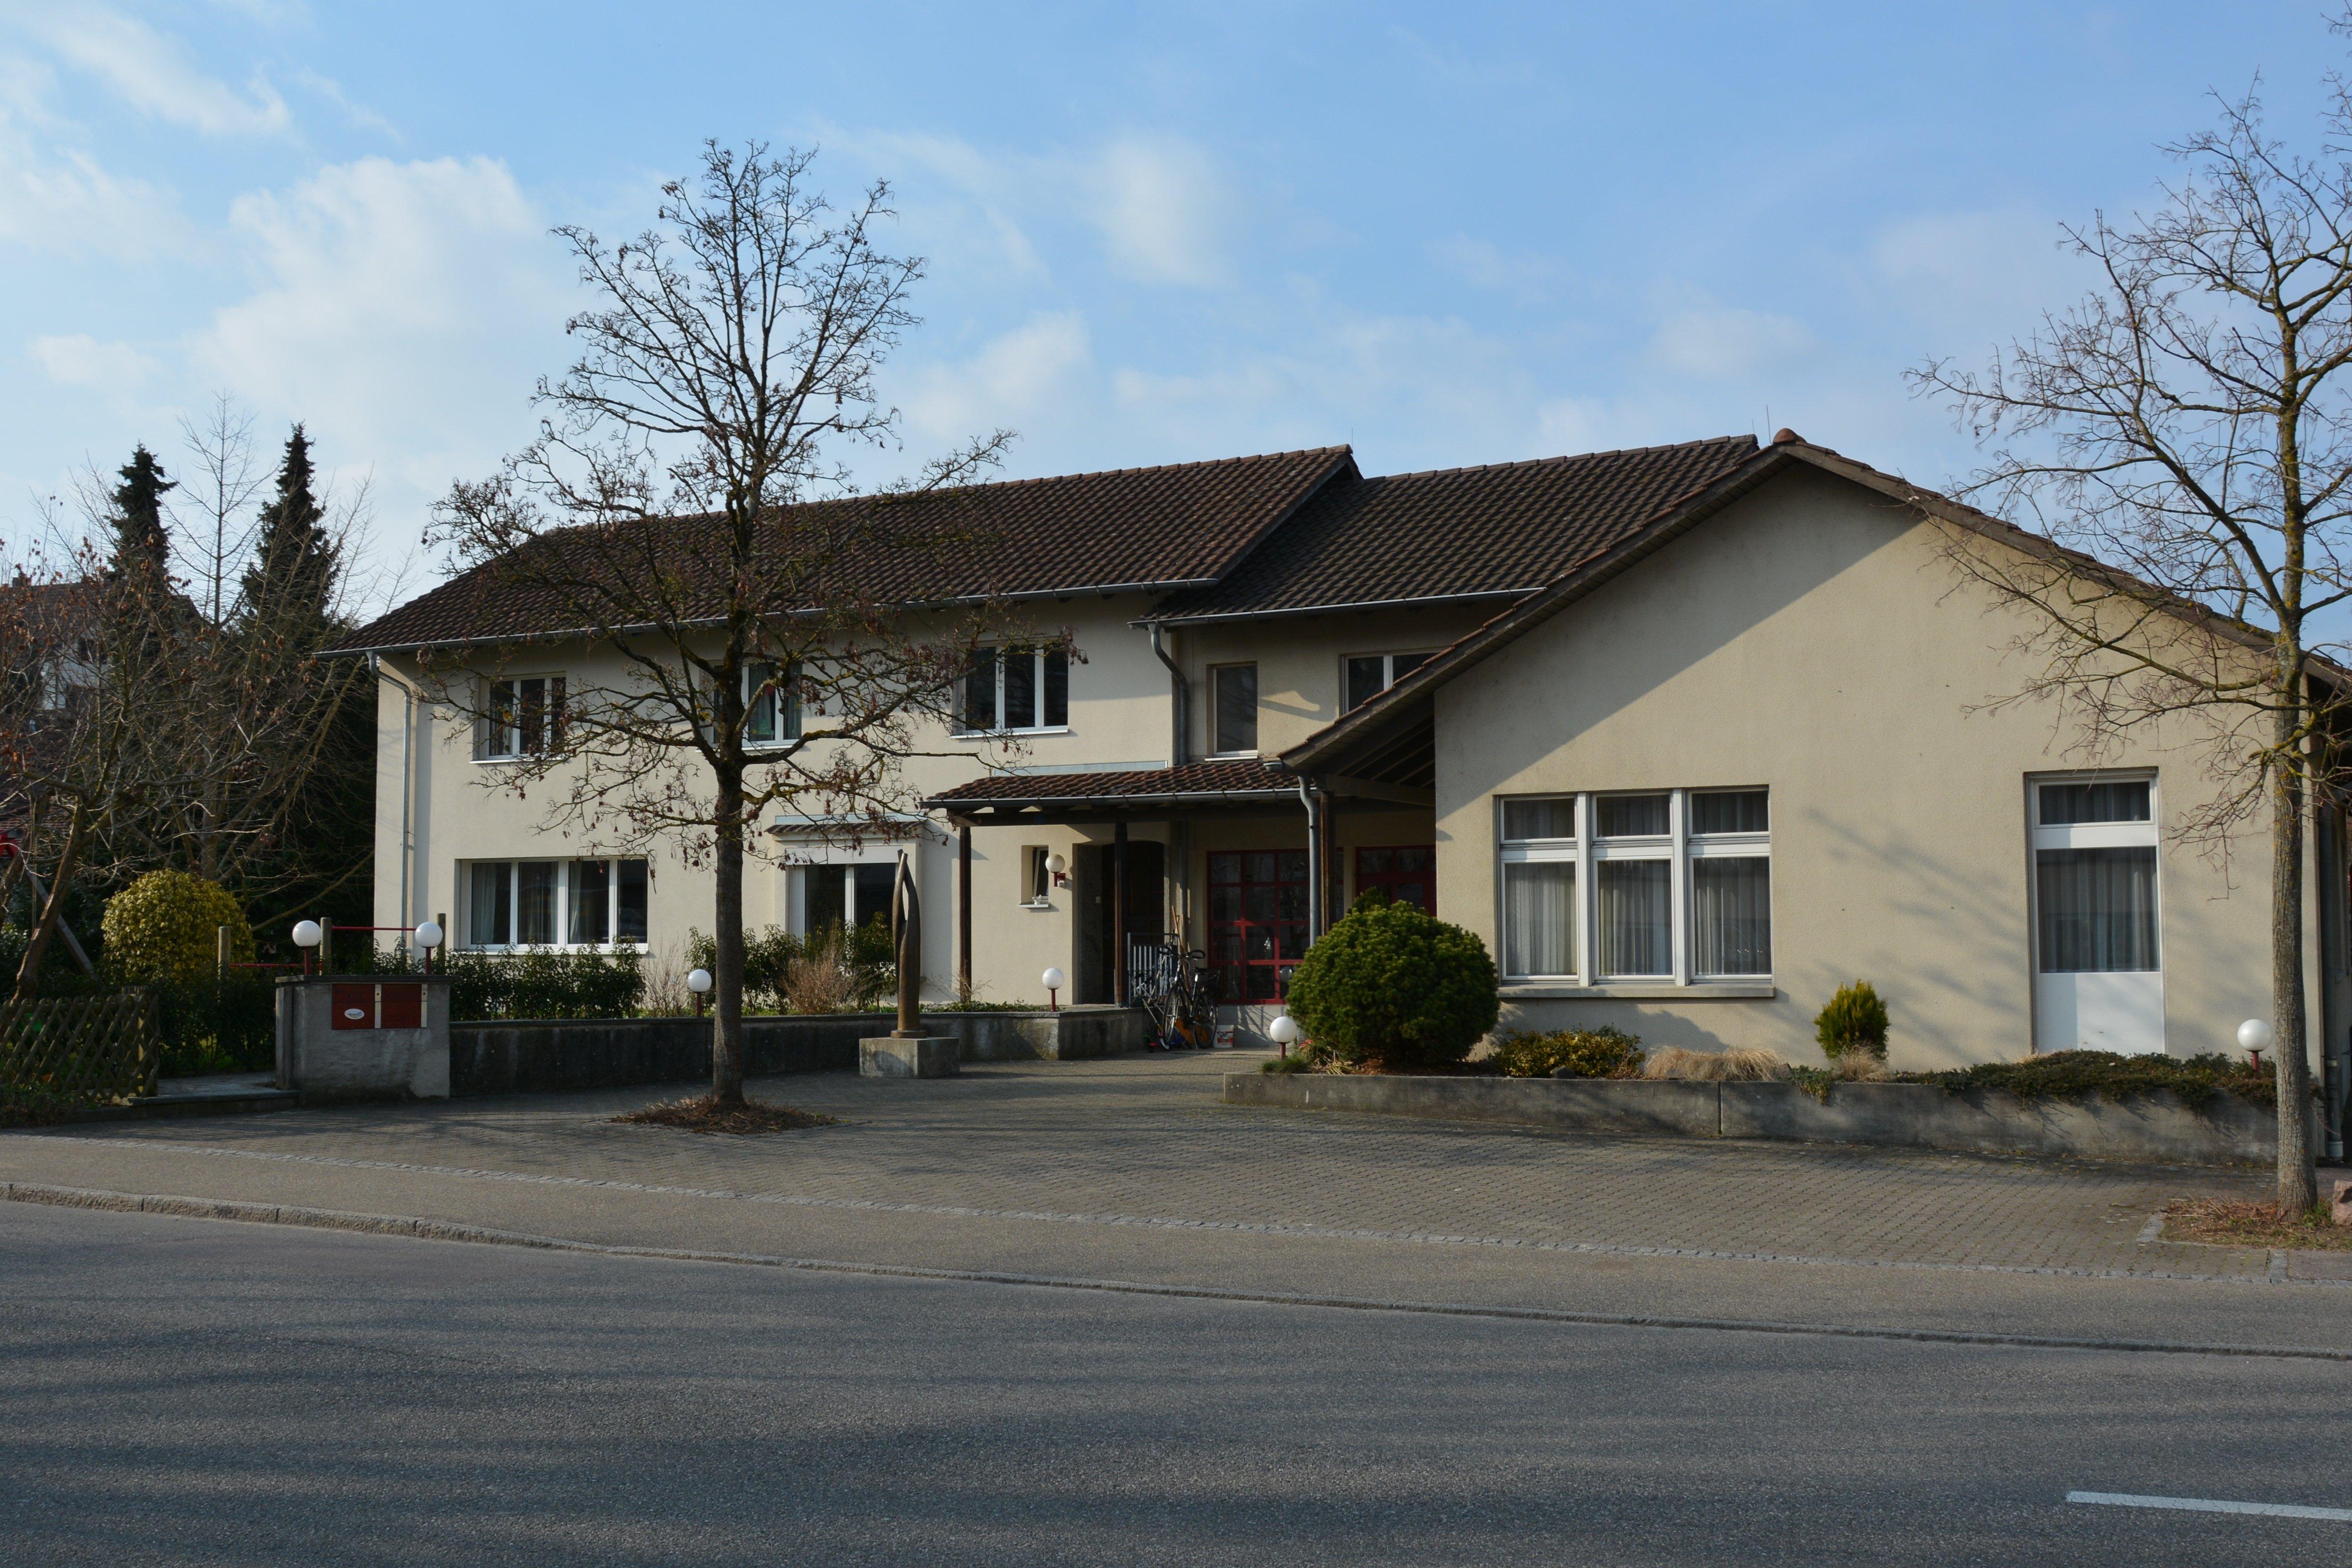 Kirchgemeindehaus, Kanzleistrasse 4, Möhlin